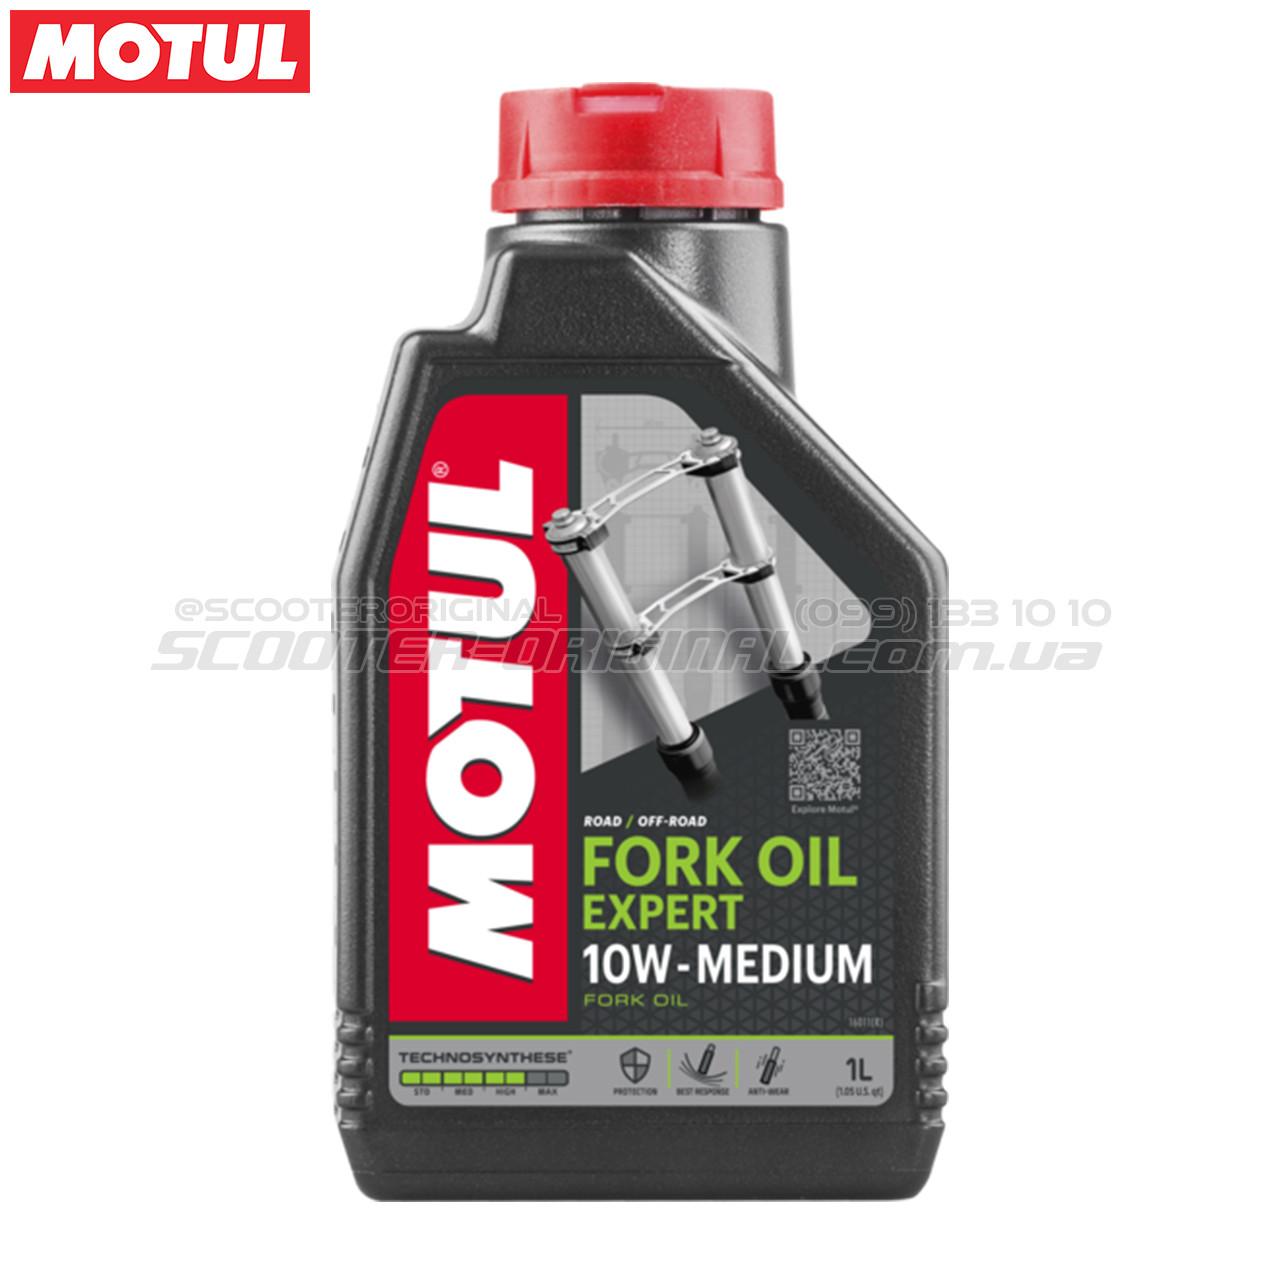 Гідравлічне масло MOTUL Fork Oil Expert Medium 10W (1 літр)